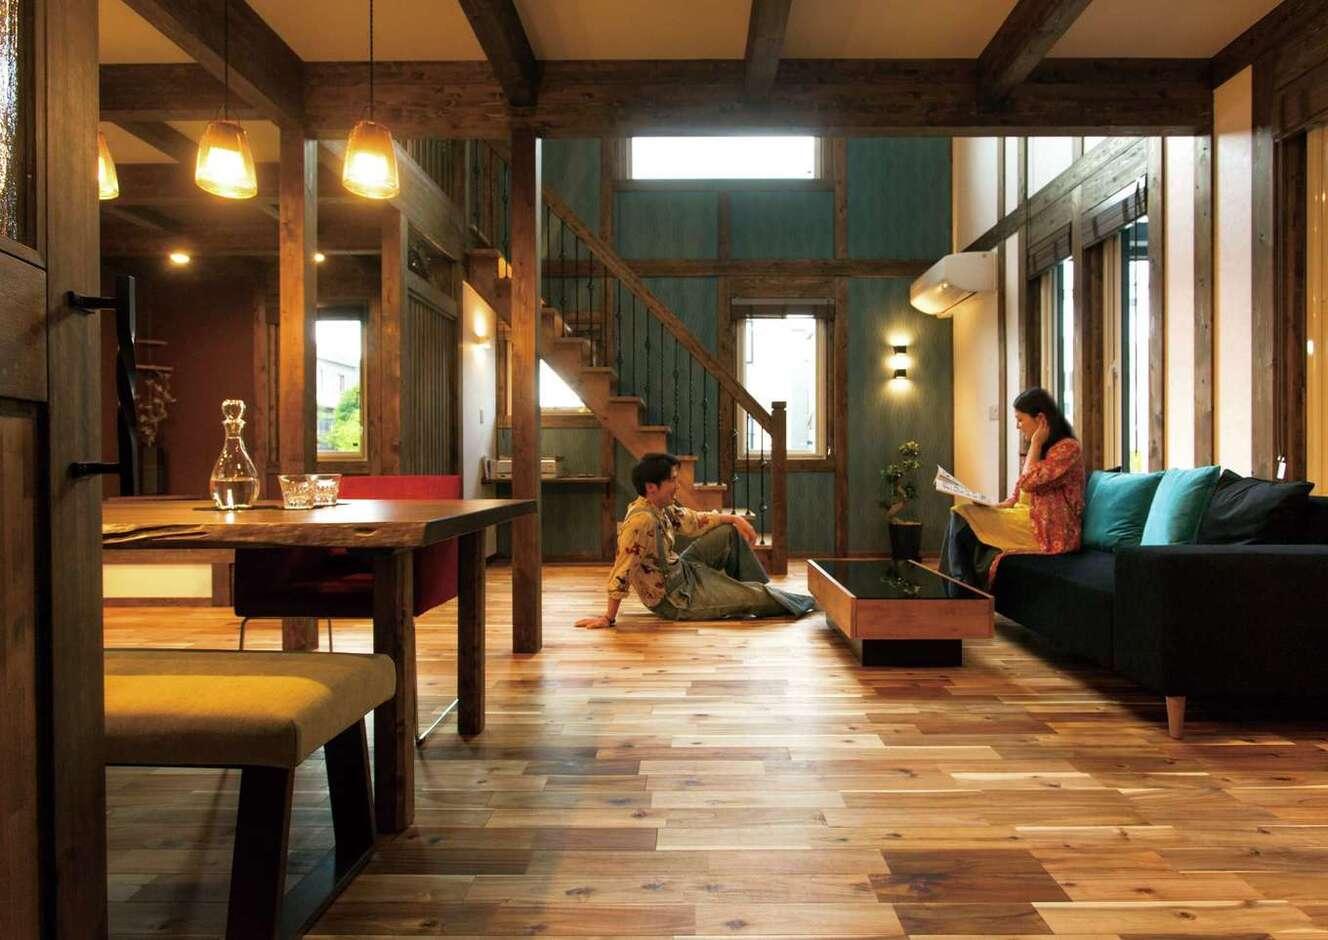 サイエンスホーム甲府店・笛吹店【デザイン住宅、趣味、自然素材】濃淡が美しい無垢のアカシアの床は傷がつきにくく、経年変化も楽しみ。日本建築の伝統を活かした真壁工法の家は、どんな家具や照明も合わせやすく、自分たちスタイルの空間が実現する